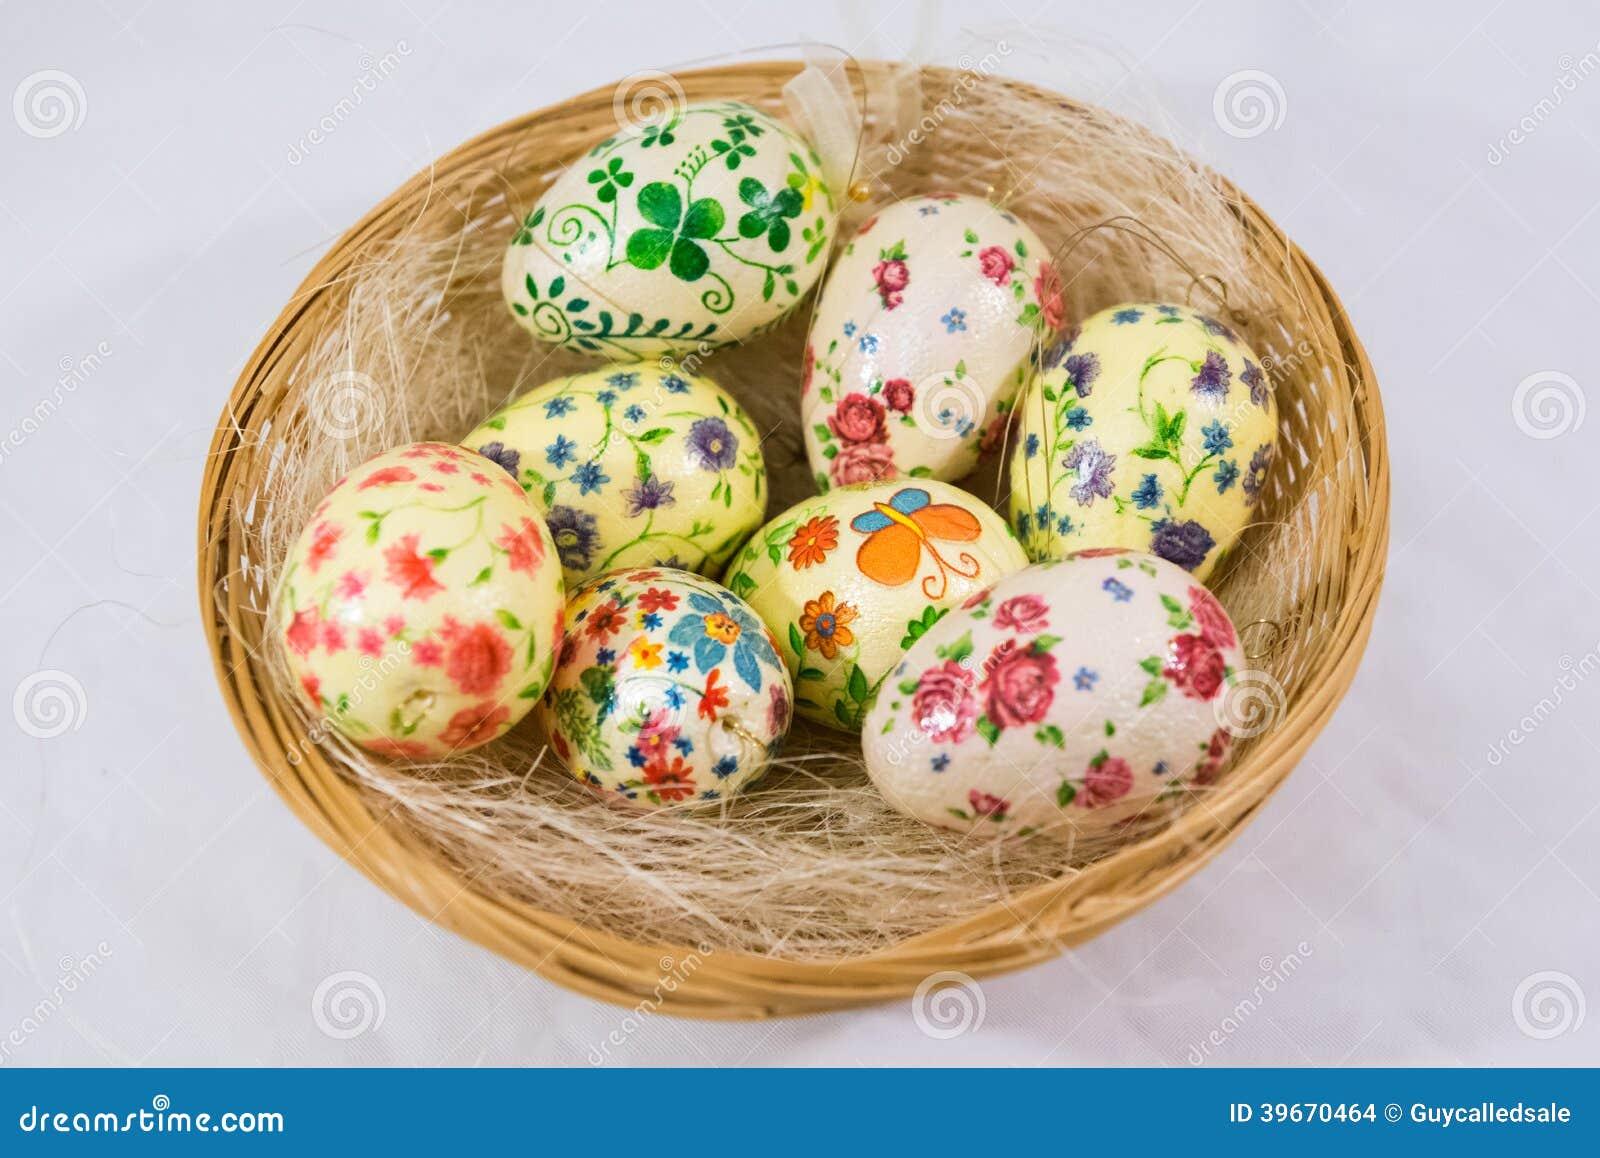 Decoupage Easter eggs: decoration technique 62